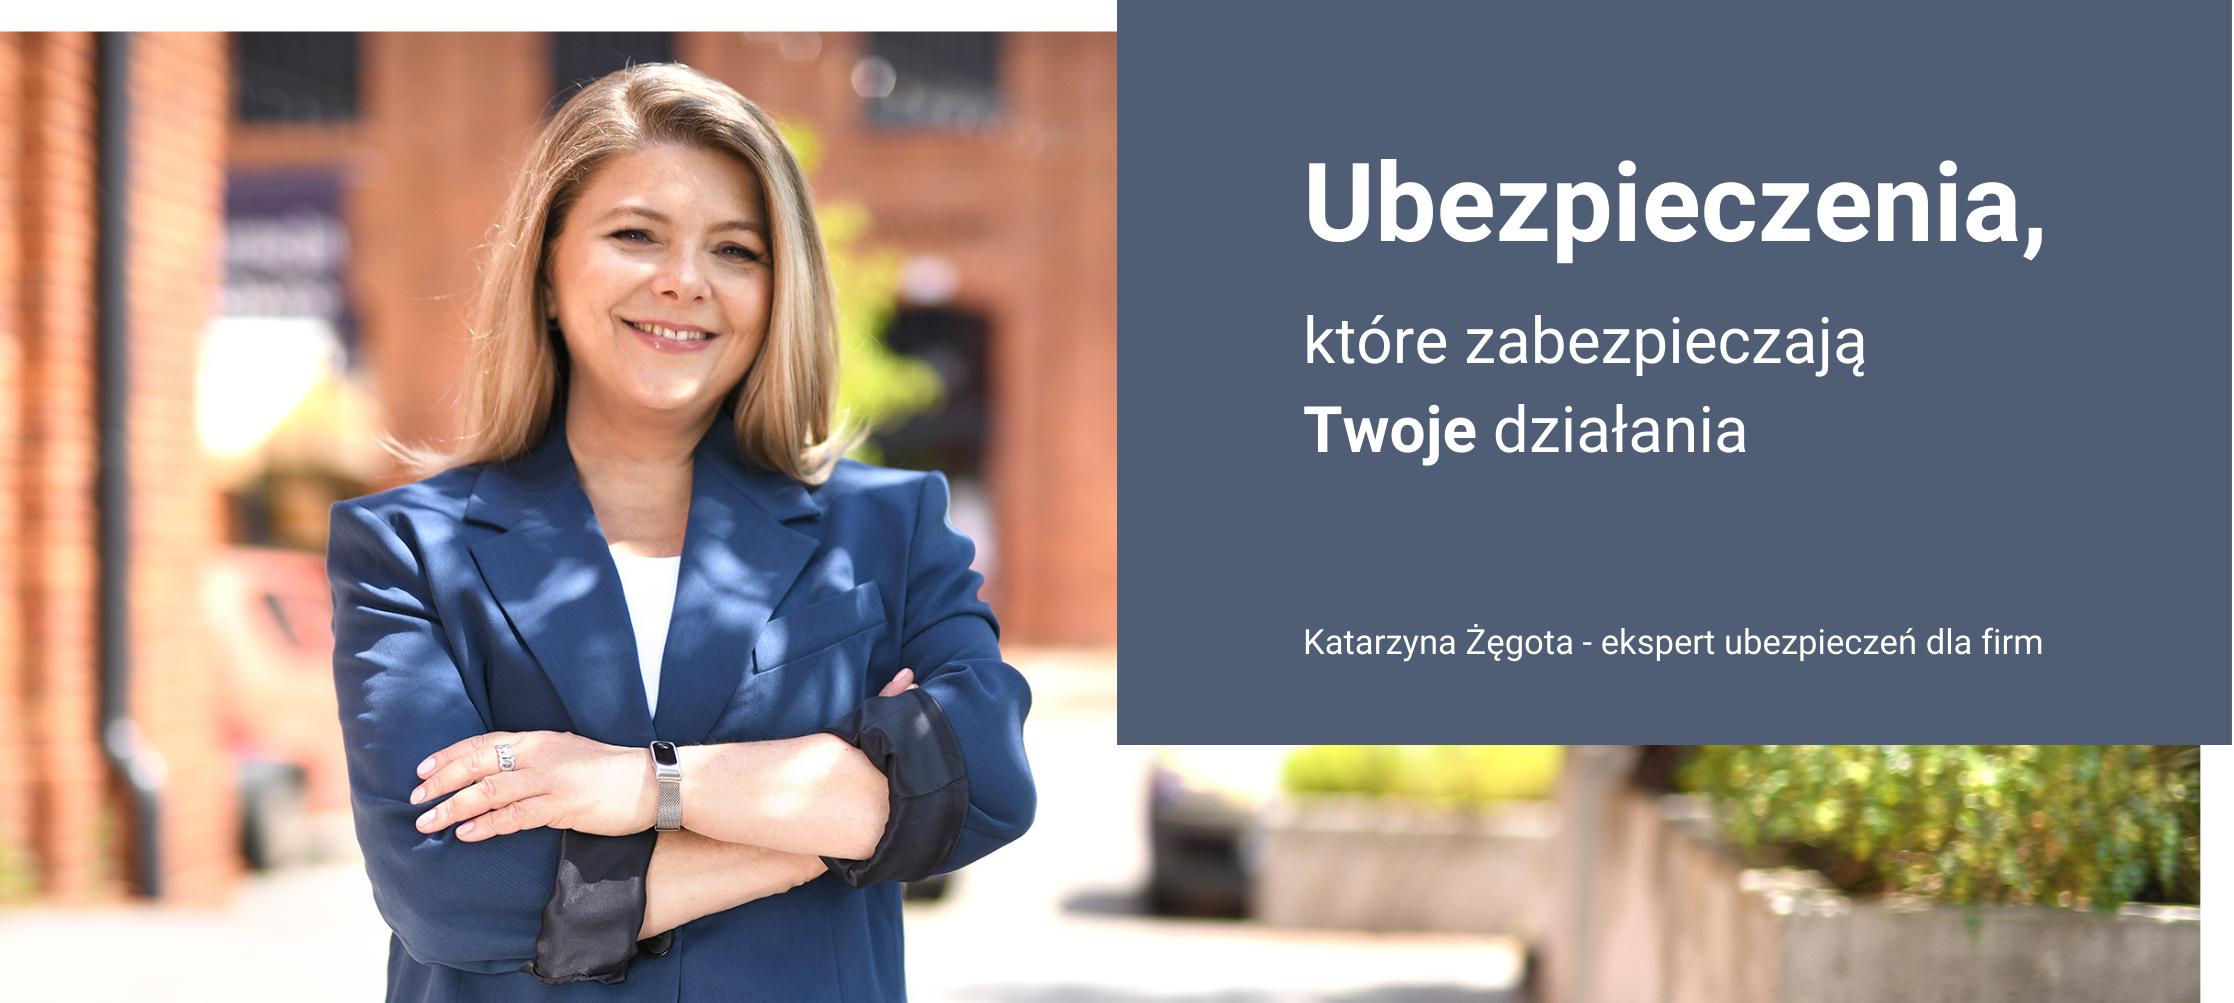 Katarzyna Żęgota, Support Biznesu, firma, ubezpieczenia, produkcja, ochrona